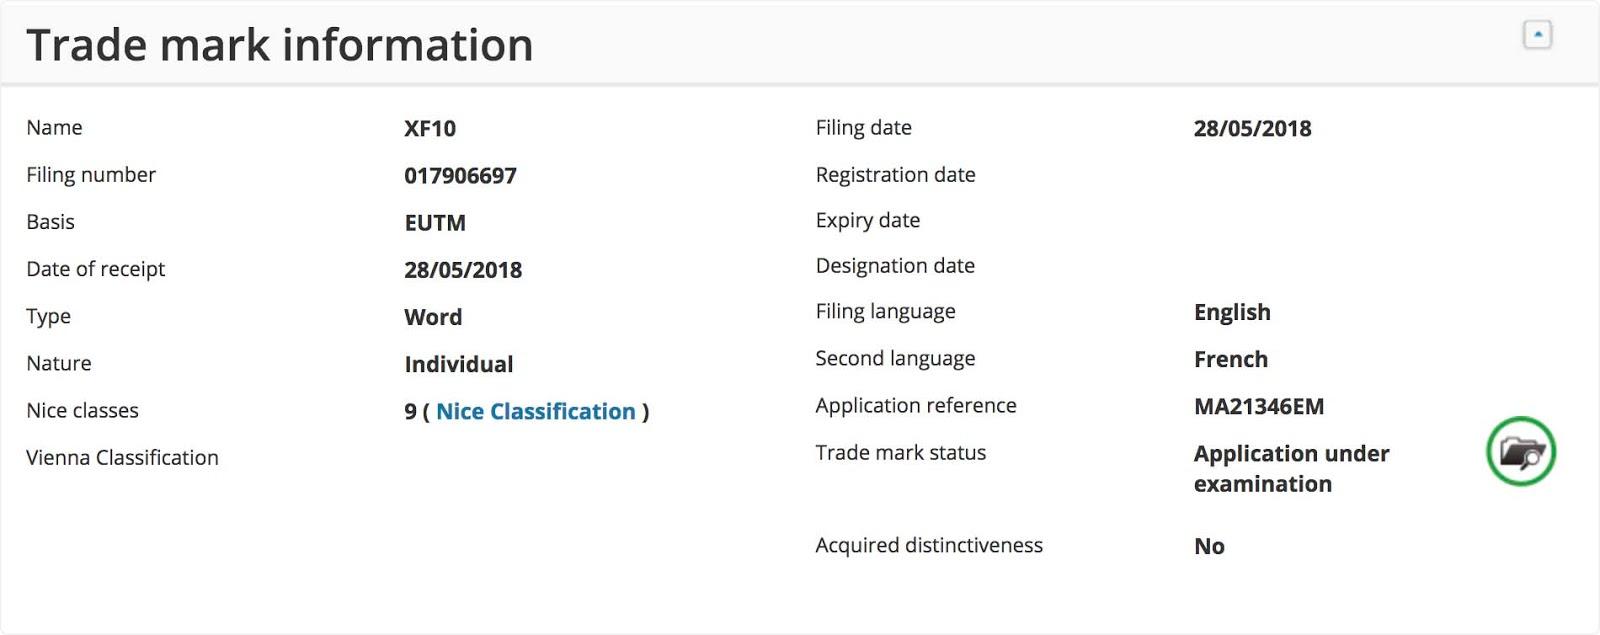 Форма регистрации торговой марки XF10 компании Fujifilm